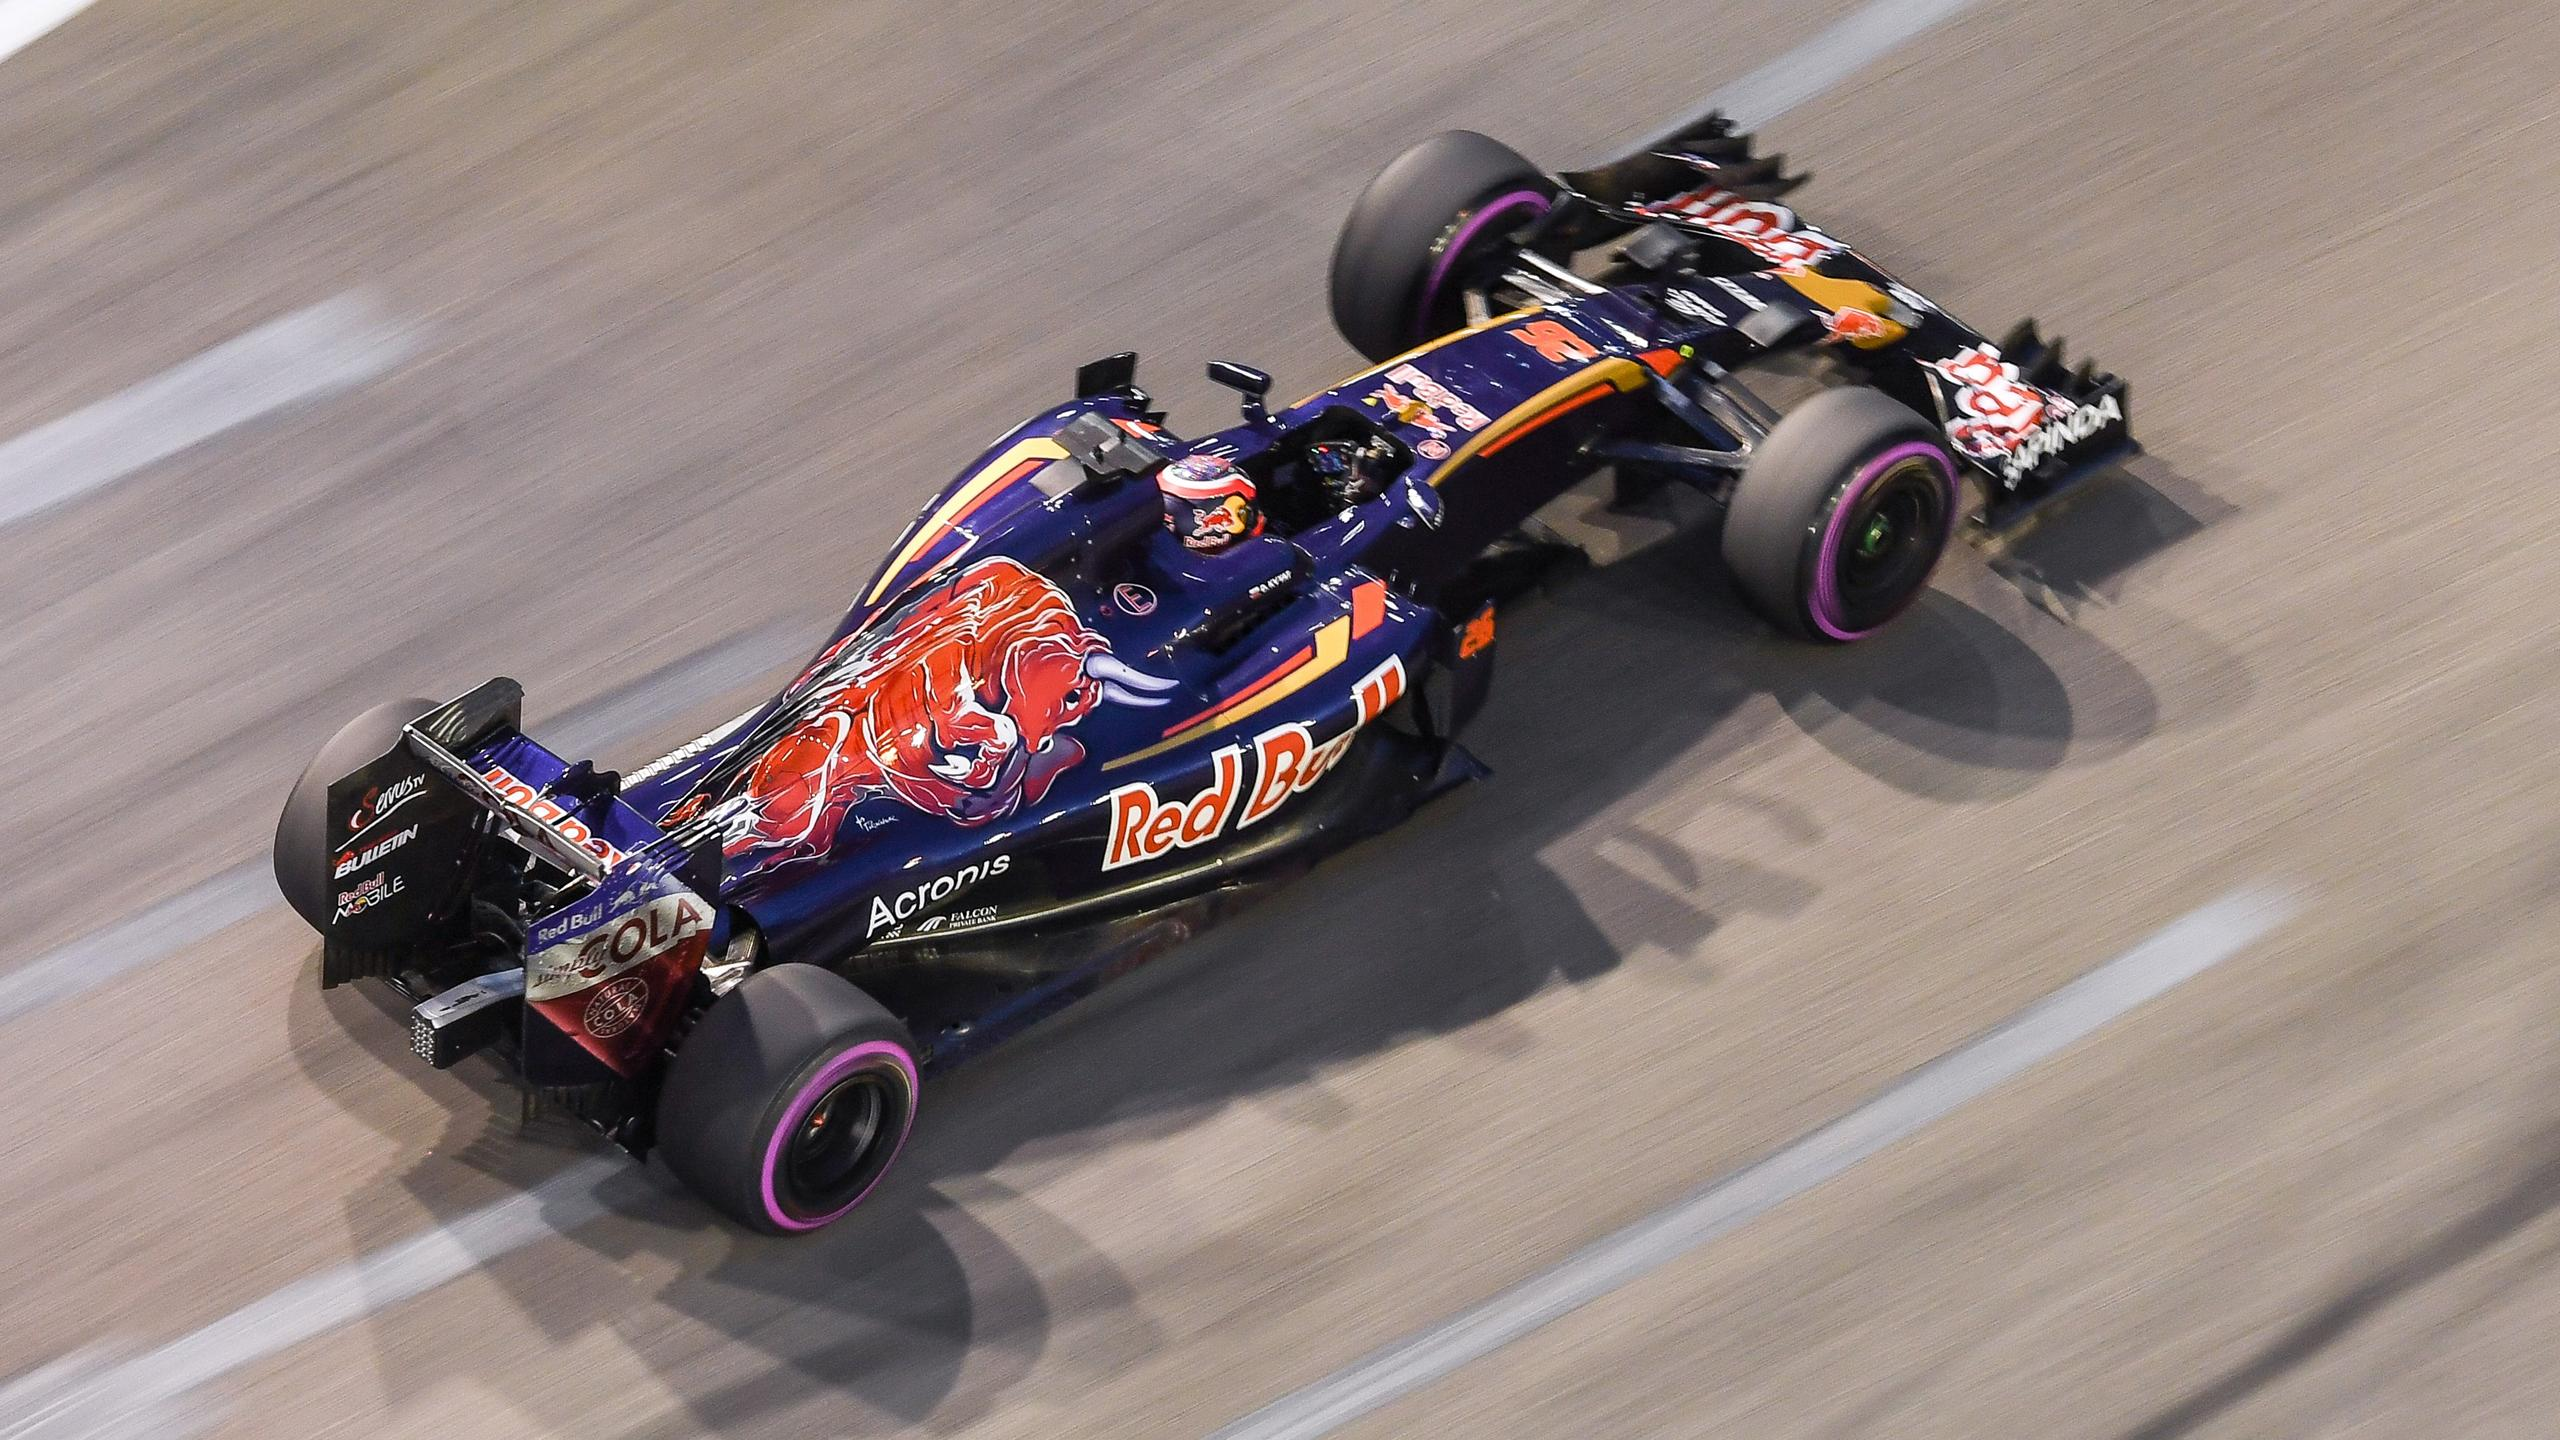 Daniil Kvyat (Toro Rosso) - GP of Singapore 2016